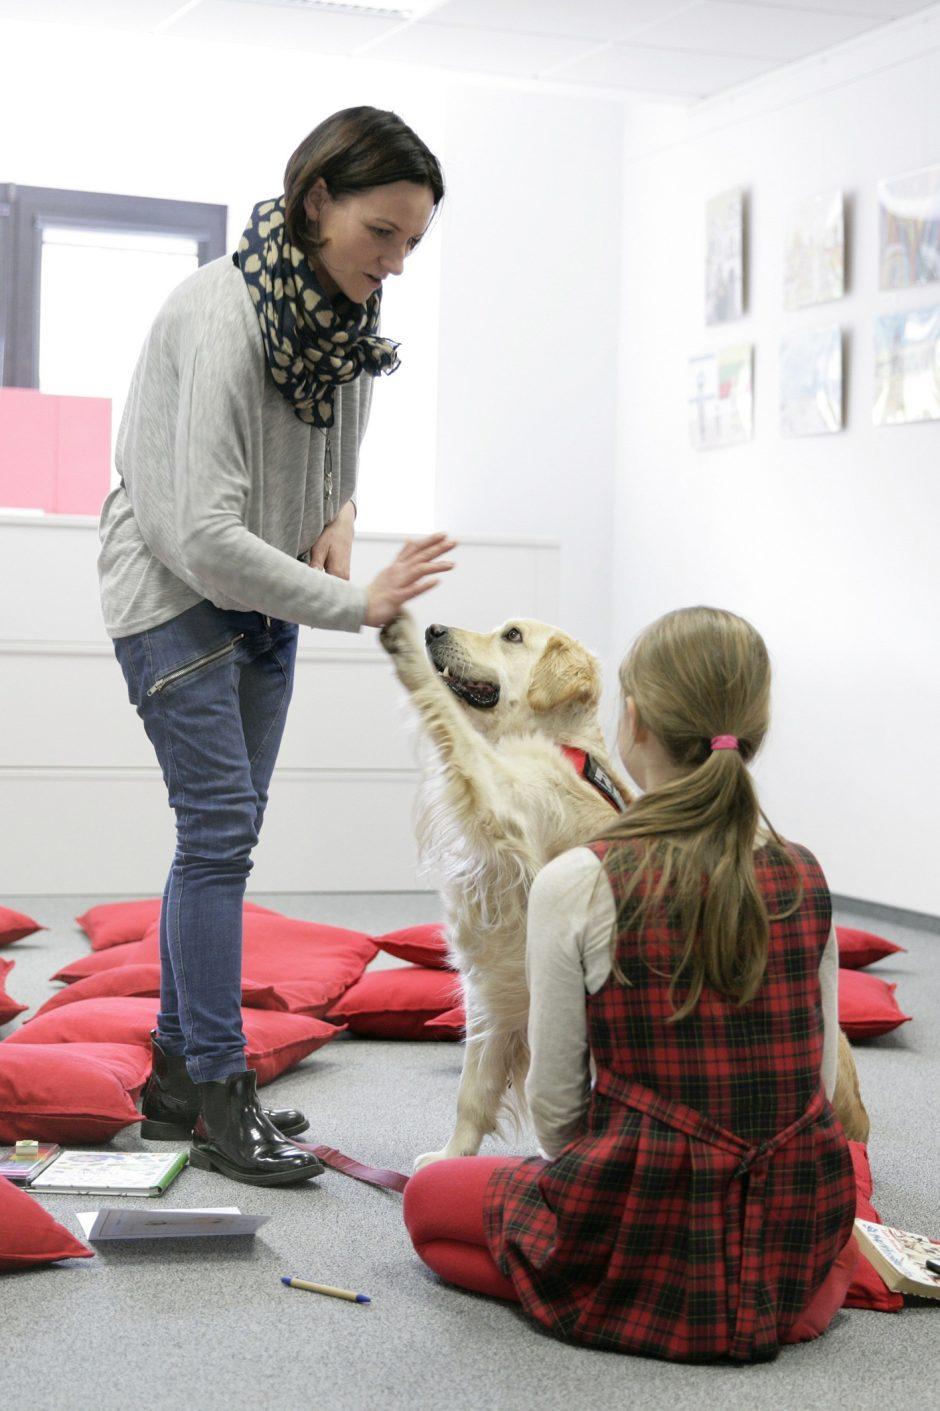 Skaitymas su šunimi padeda ne tik vaikams, bet ir po insulto ar sergant Alzheimeriu